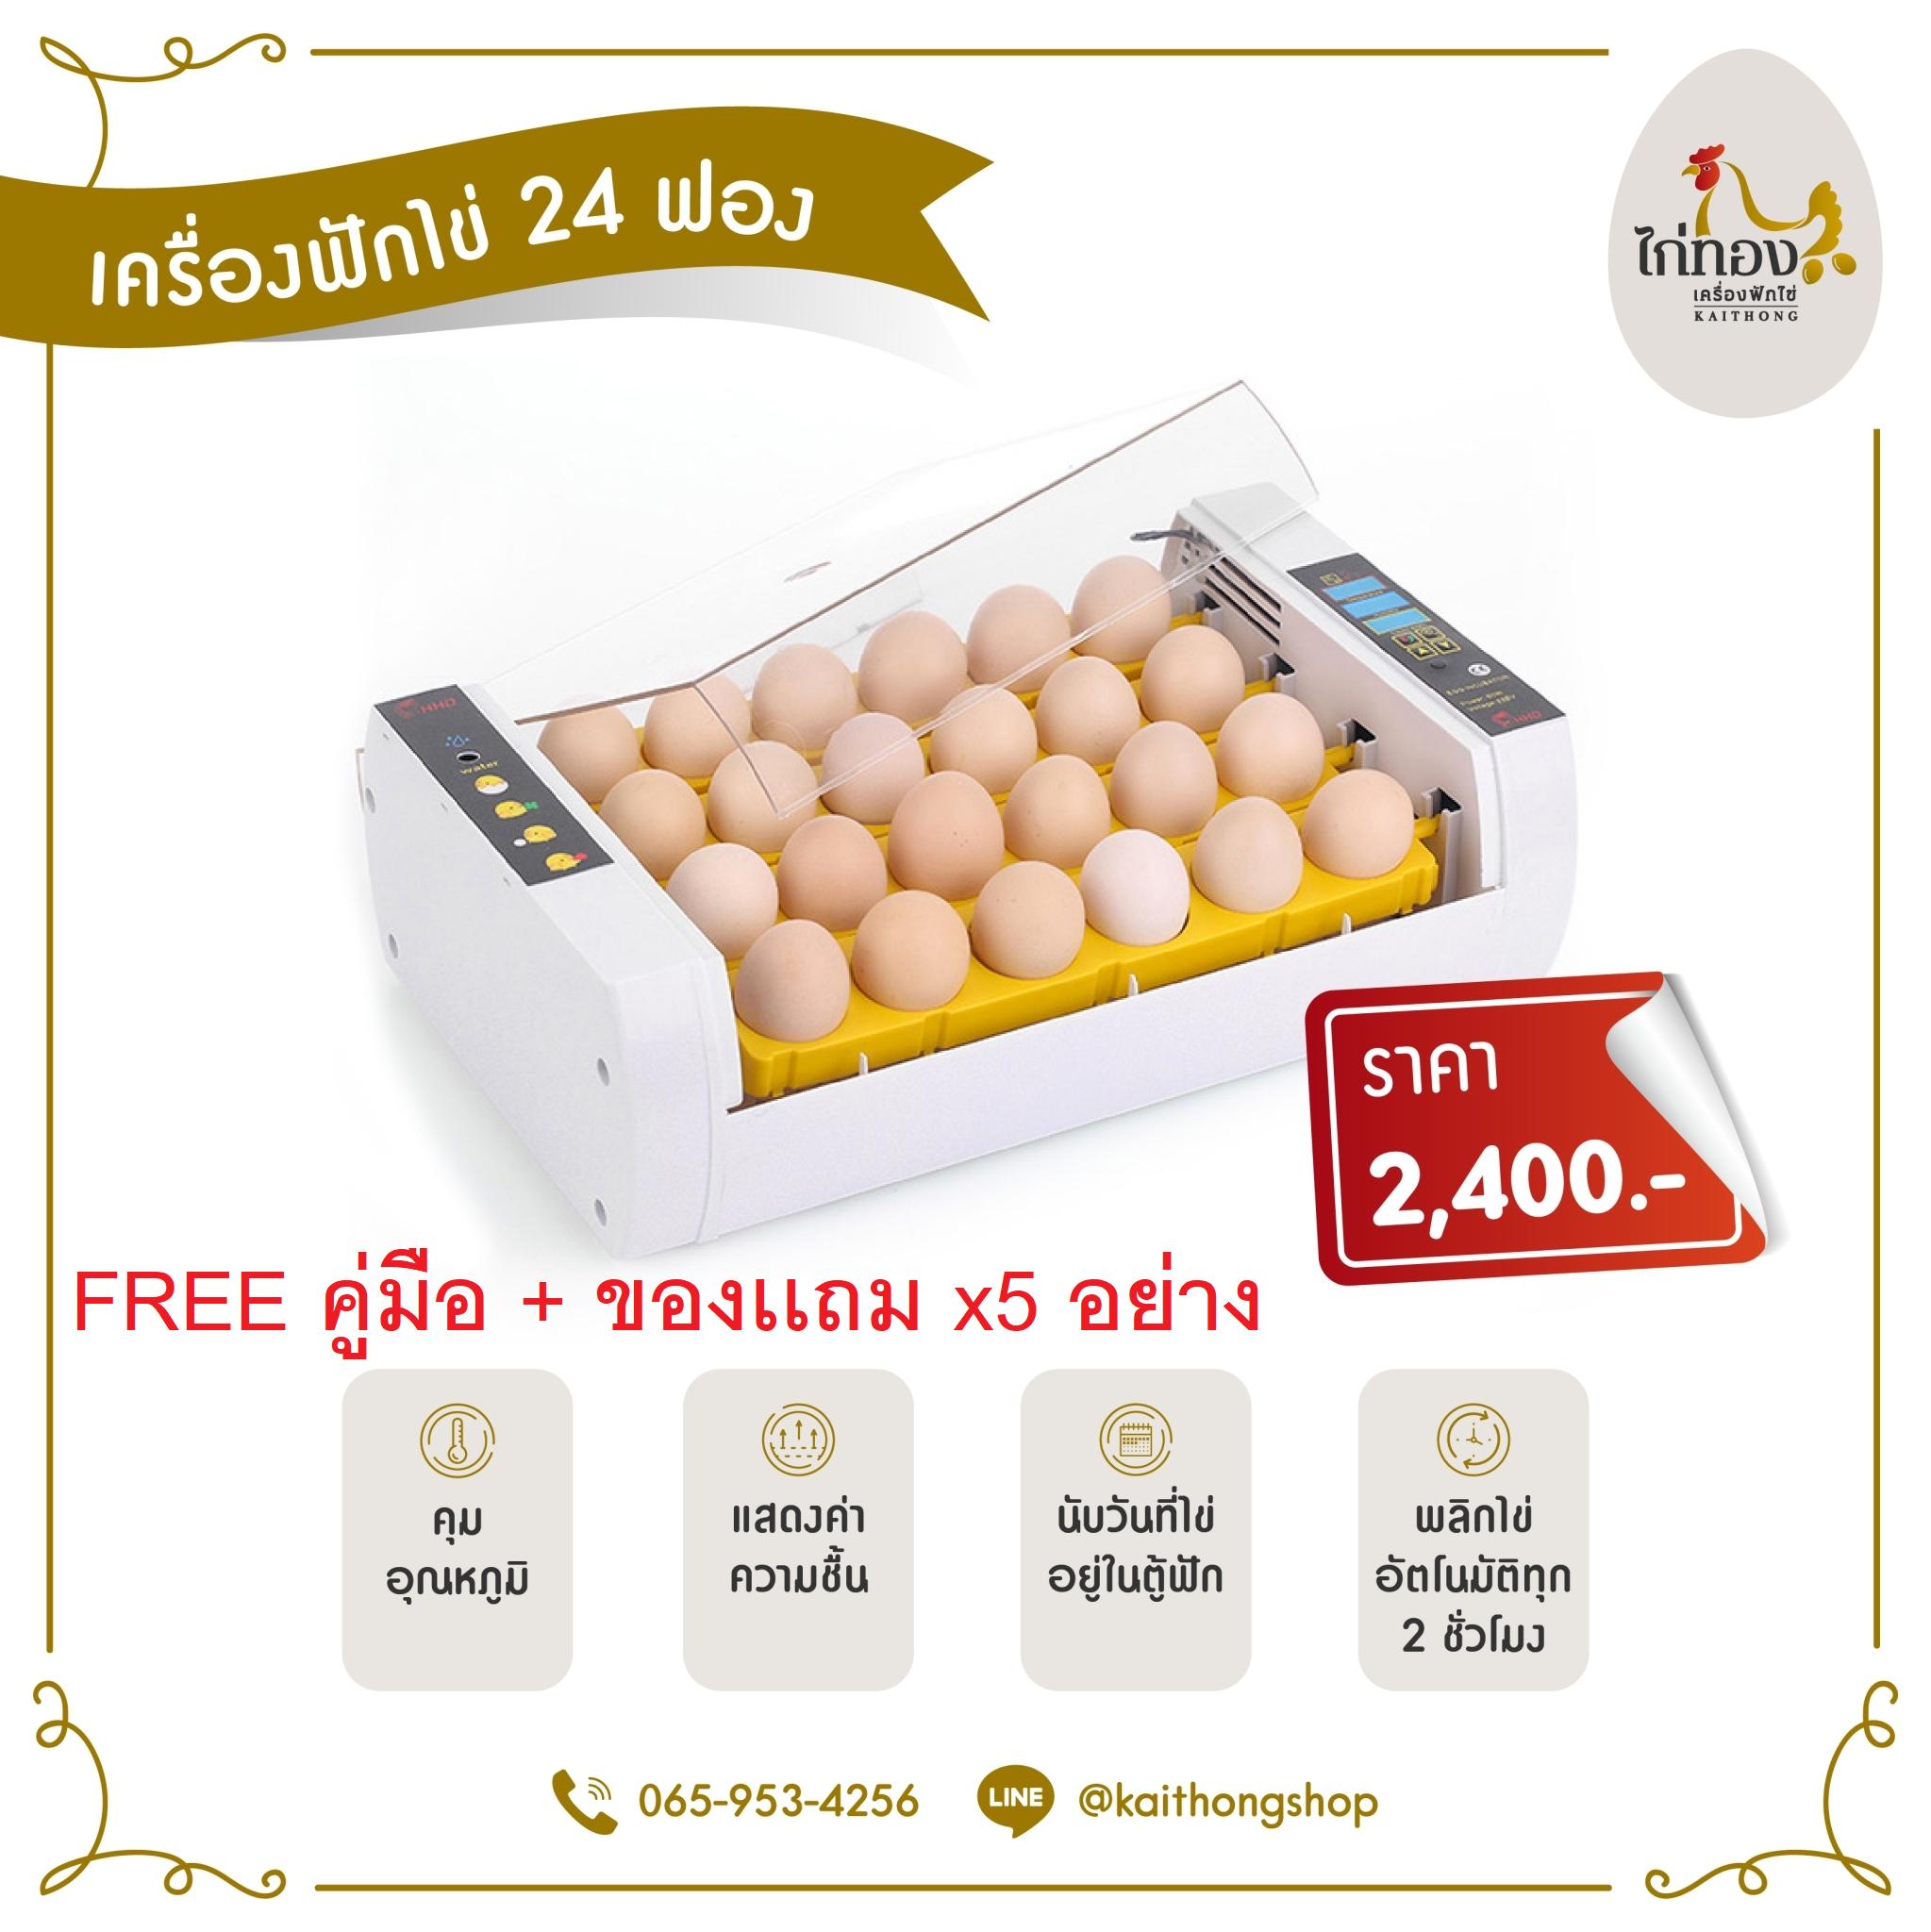 ตู้ฟักไข่ไก่ทอง 24 ฟอง